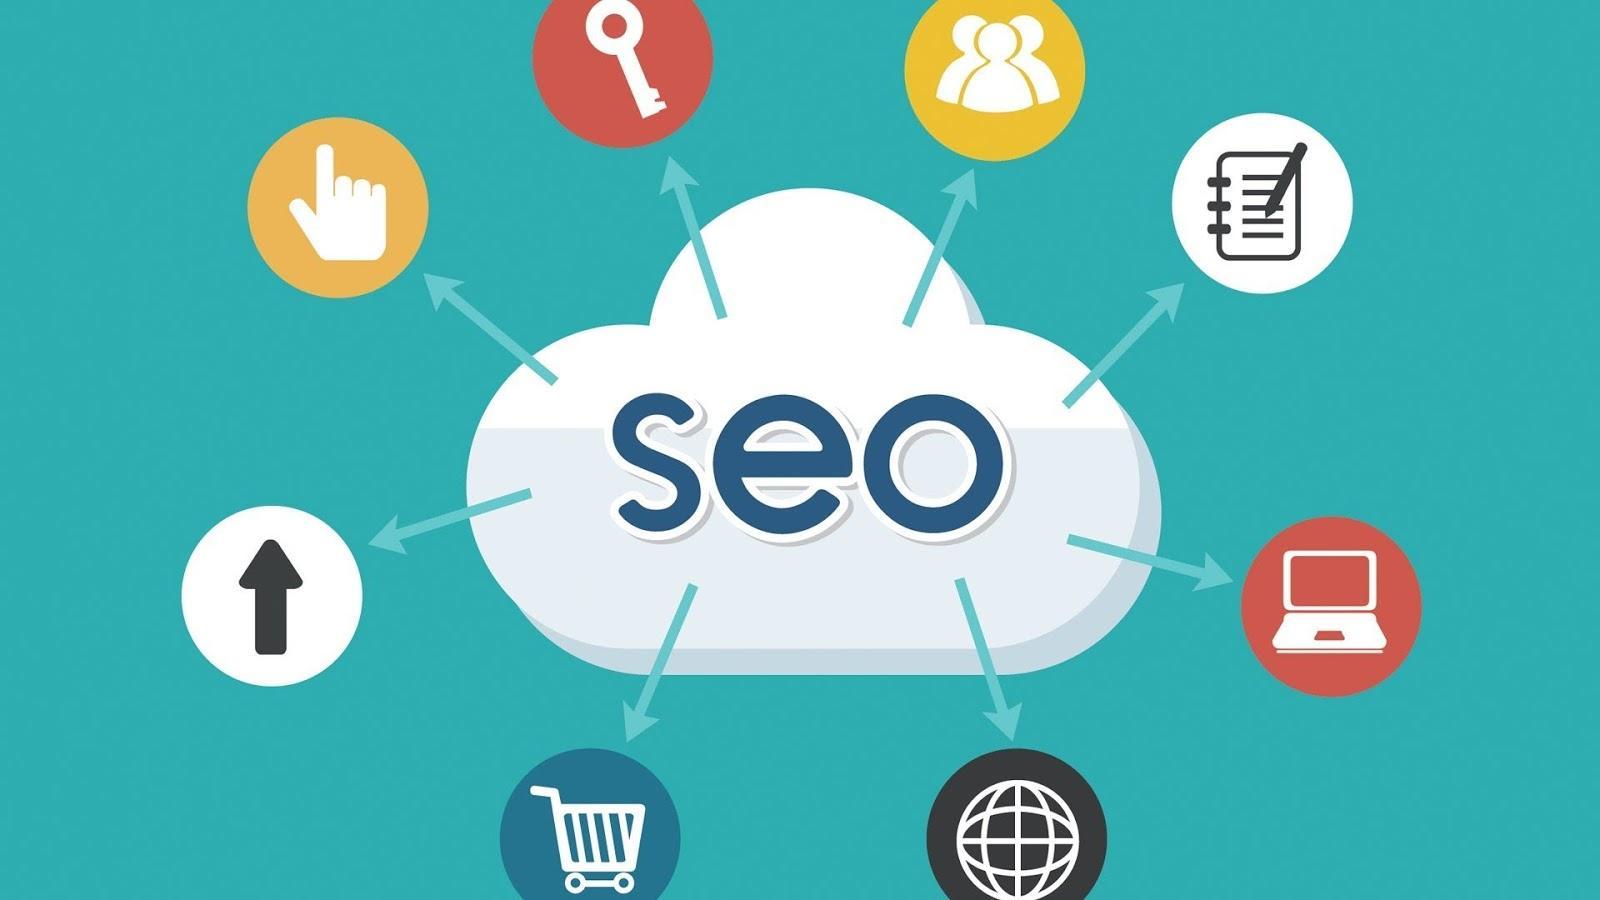 Những thông tin cần biết khi sử dụng dịch vụ seo